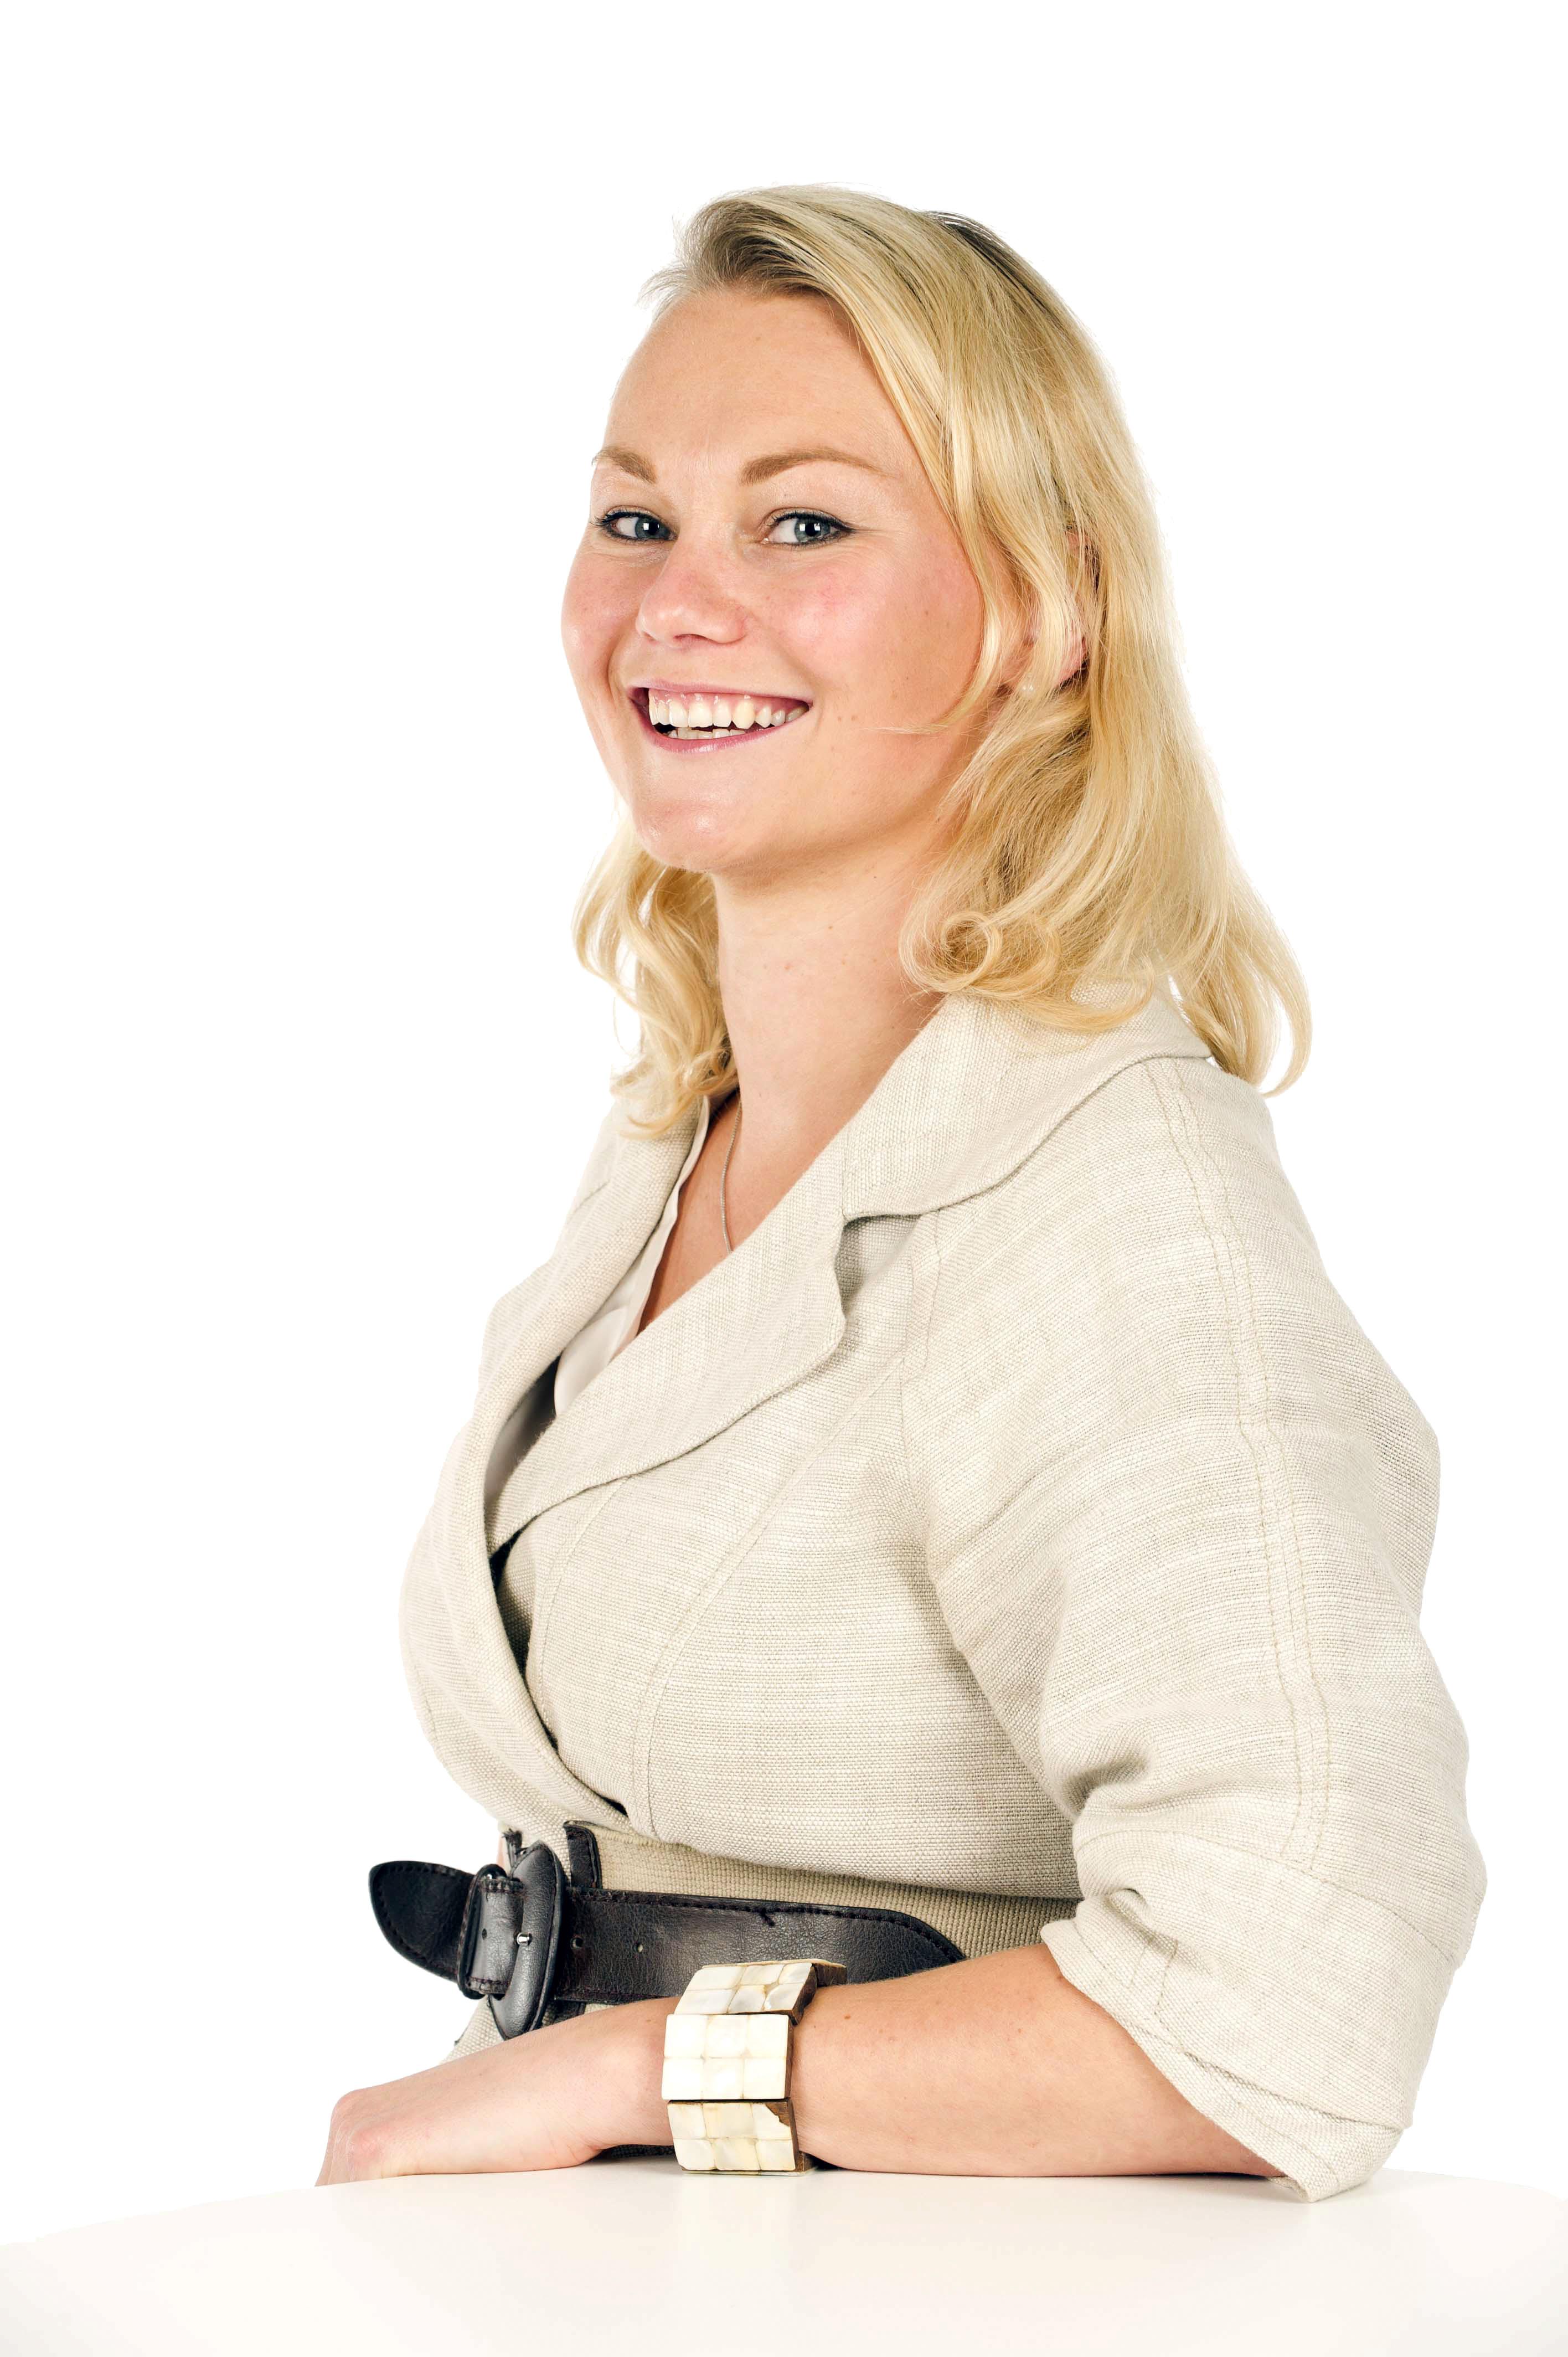 Greta Entrepreneur